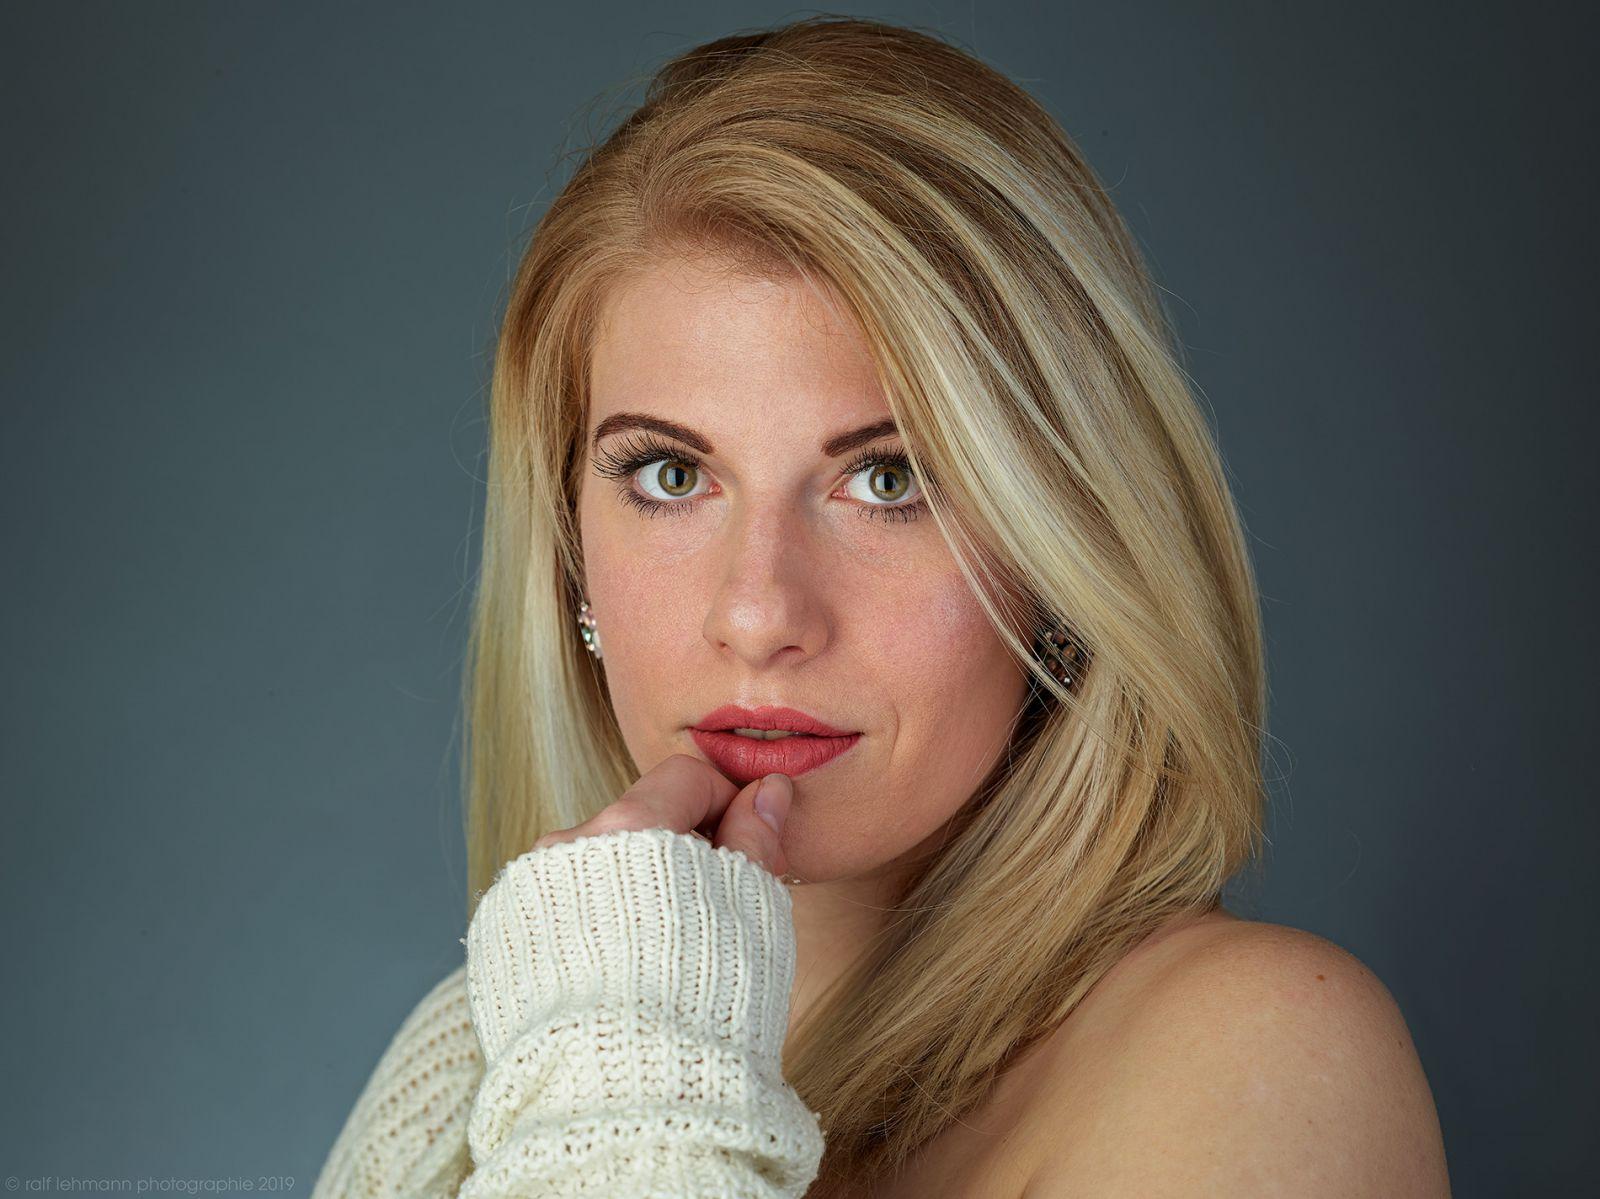 Portrait einer jubgen blonden Frau mit einem weissen Pullover. Entstanden in Köln.